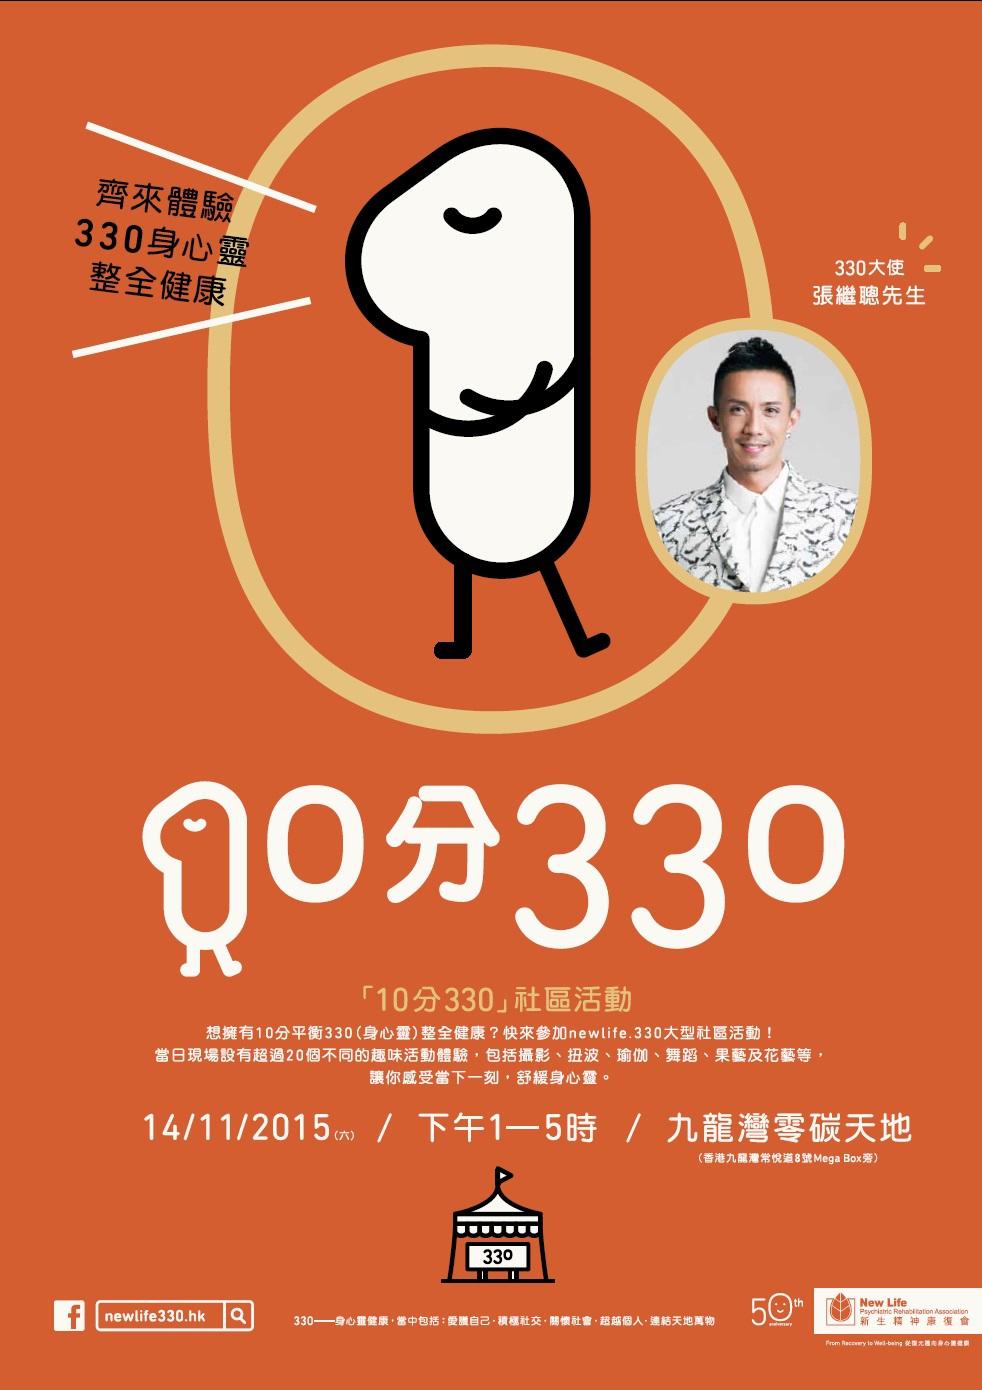 read 「10分330」社區活動 (14 Nov)